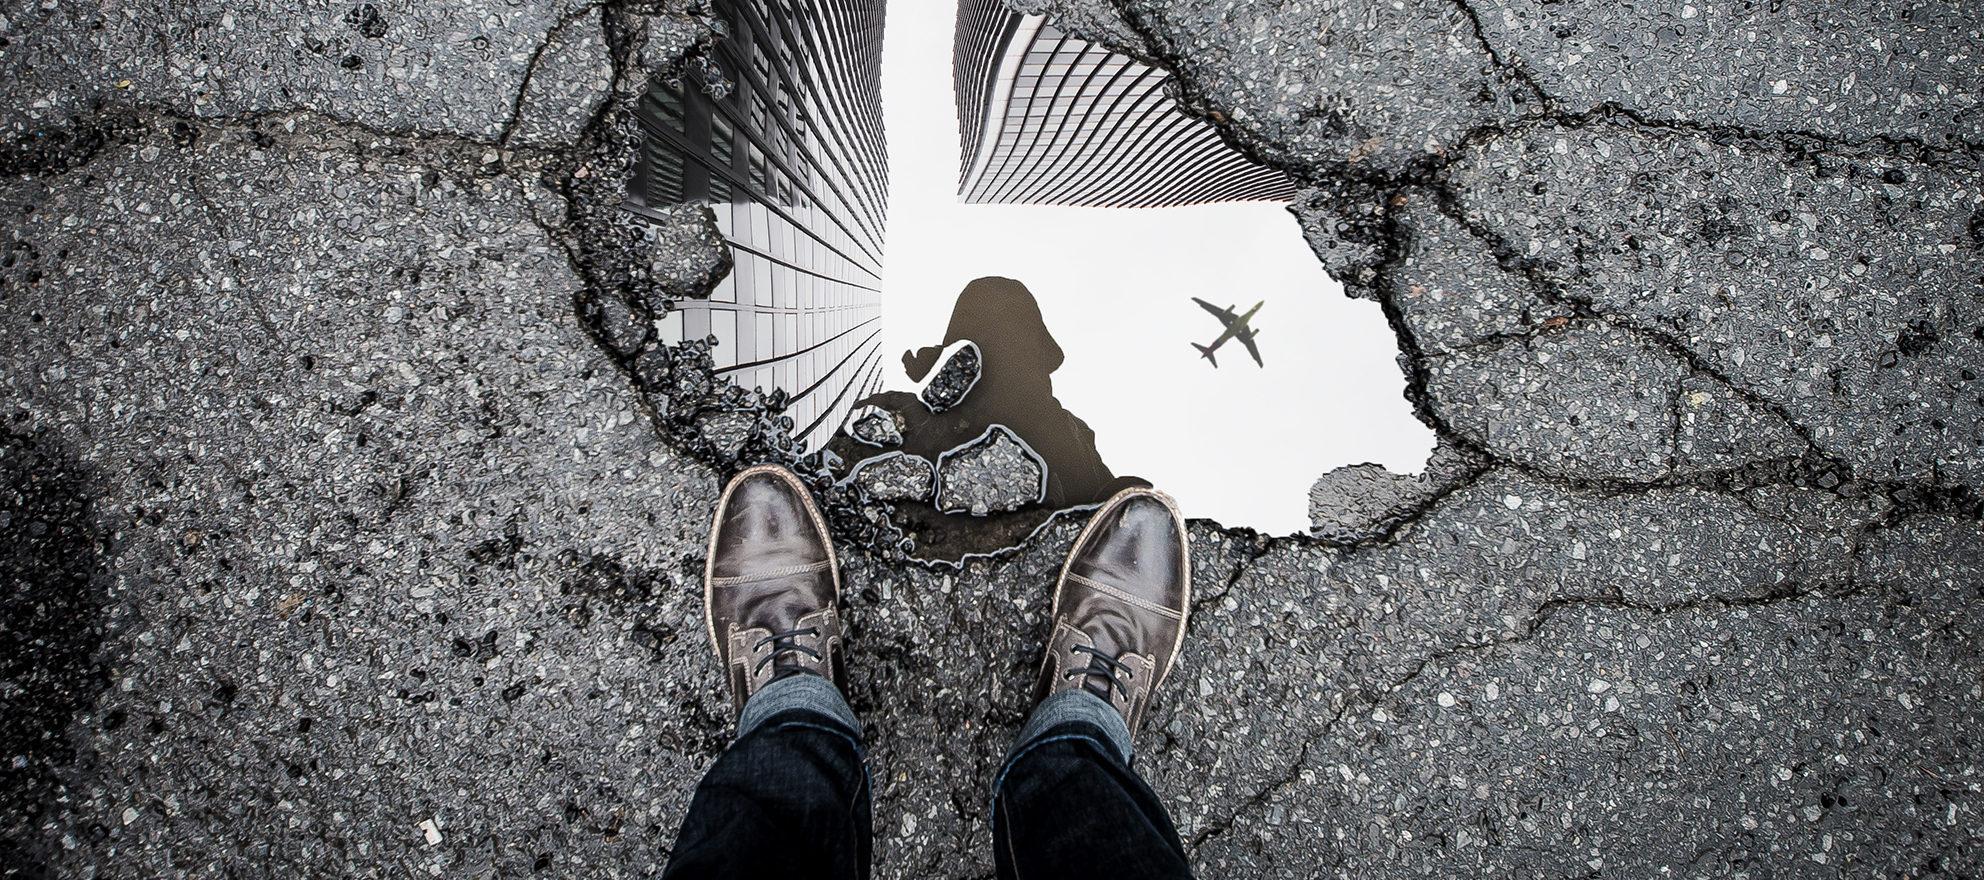 hidden potholes road agent productivity